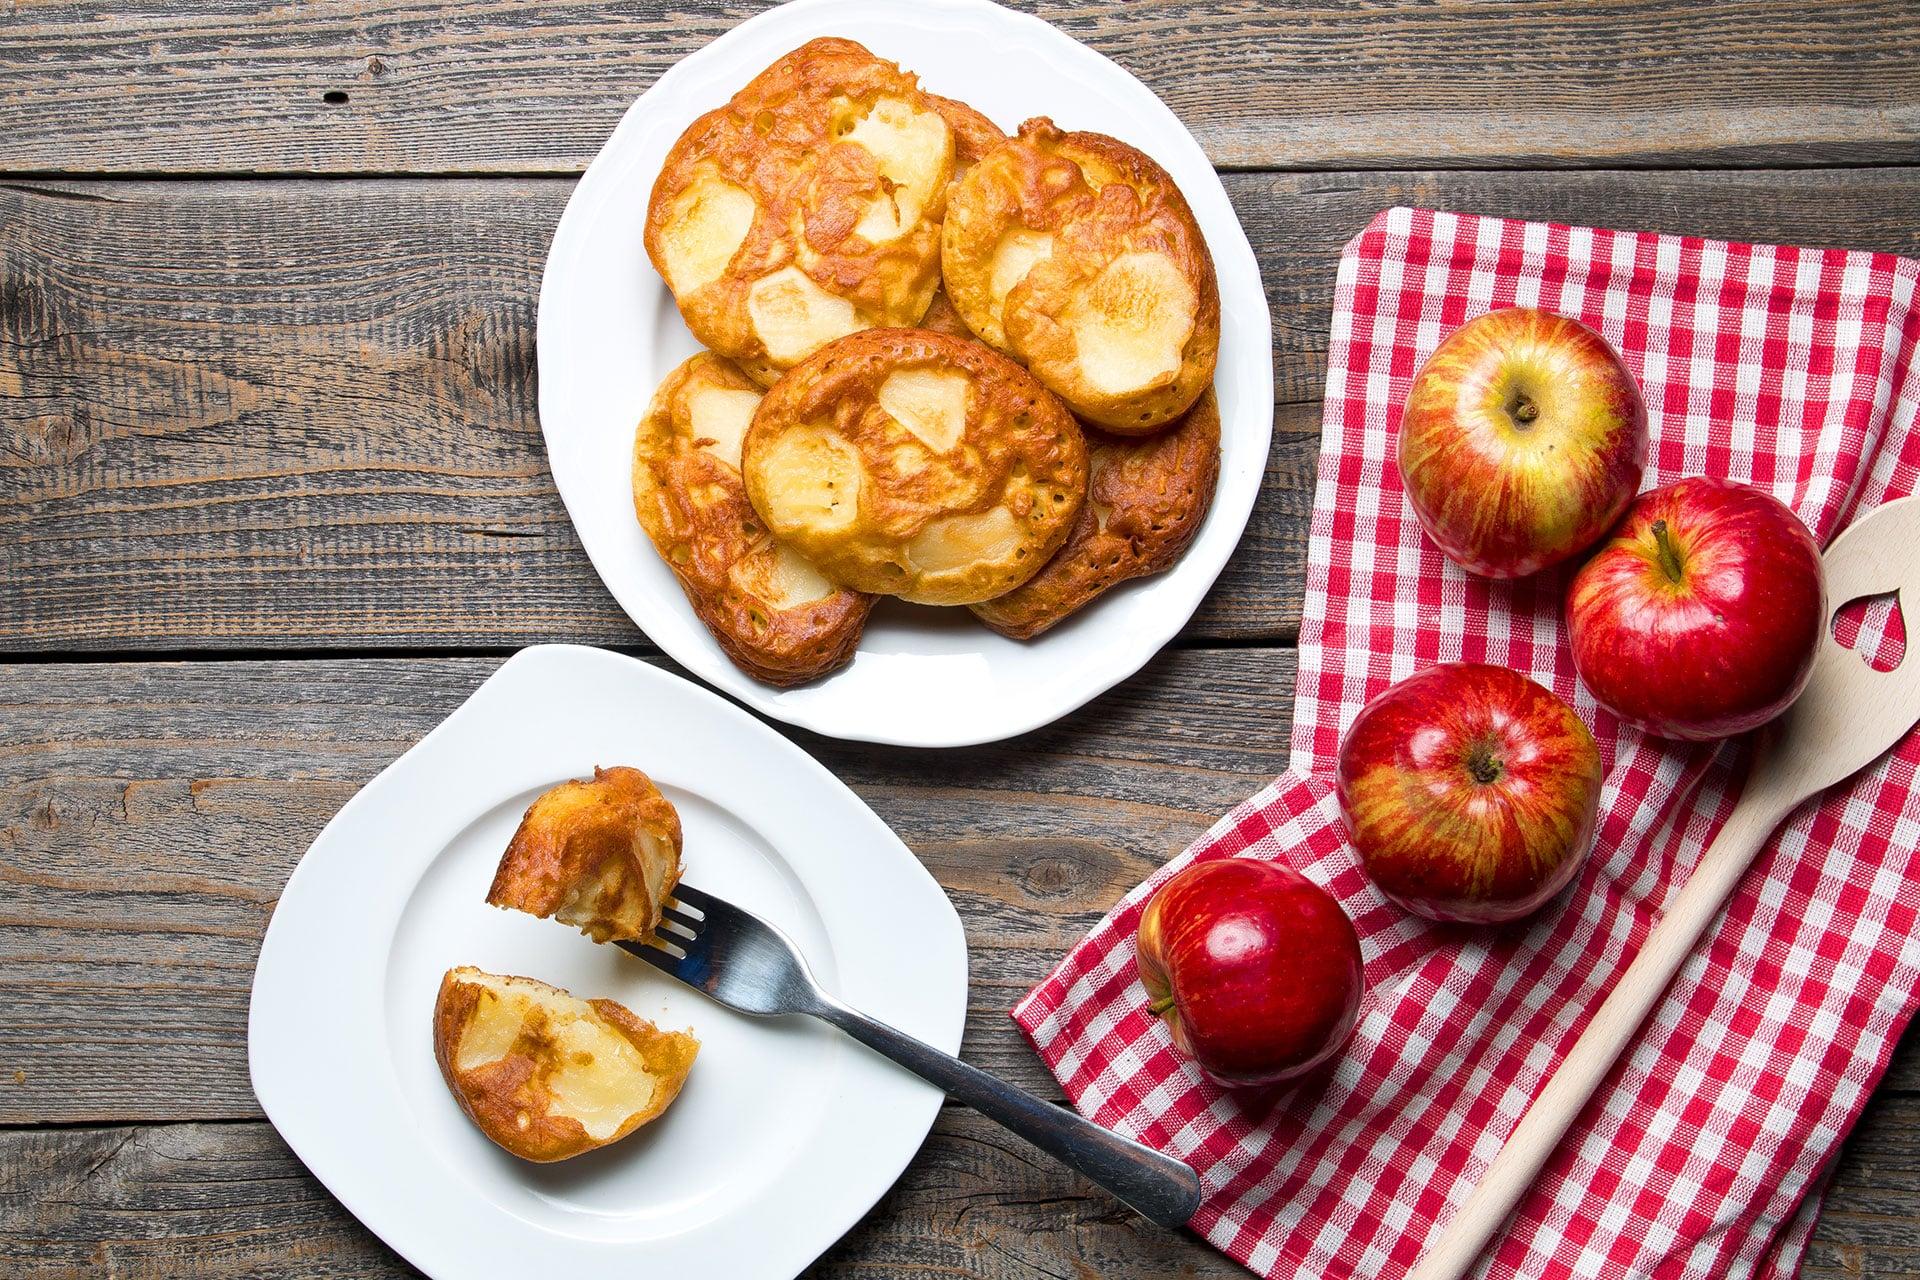 Racuchy z jabłkami - jak zrobić pyszne racuchy w domu?